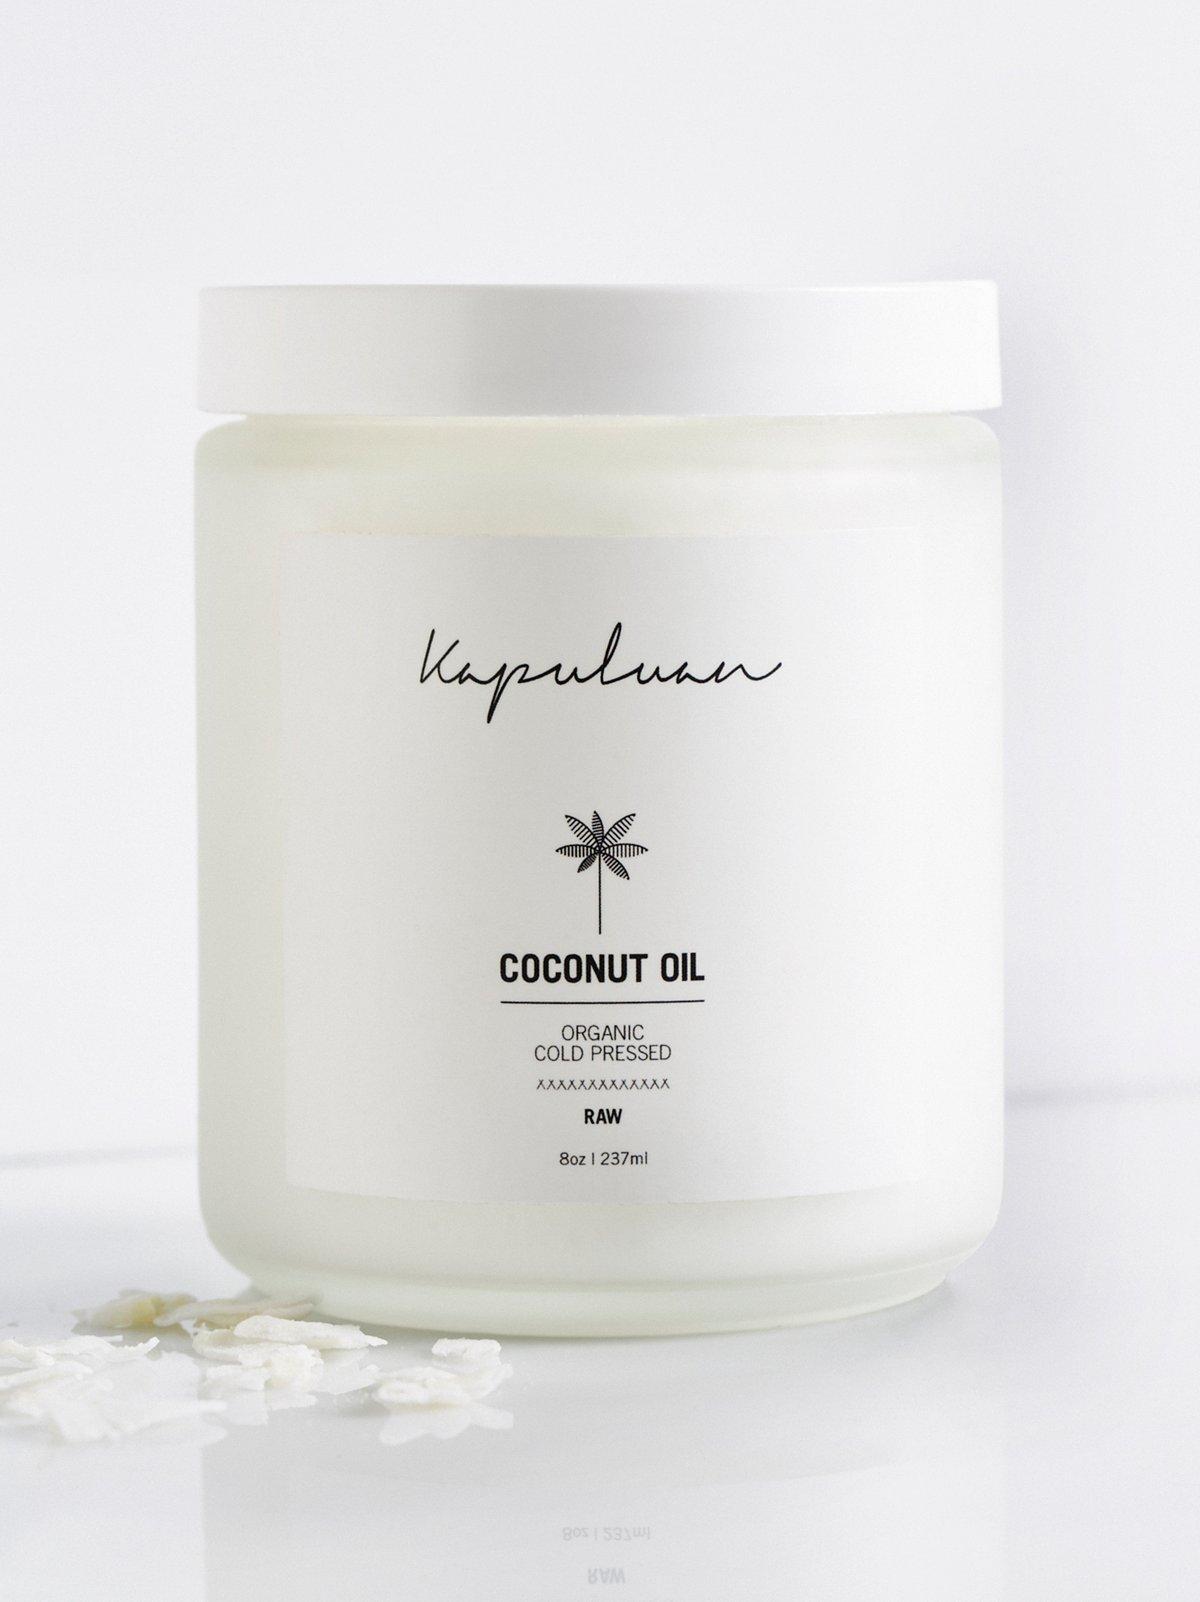 Kapuluan 8oz Cold Pressed Coconut Oil